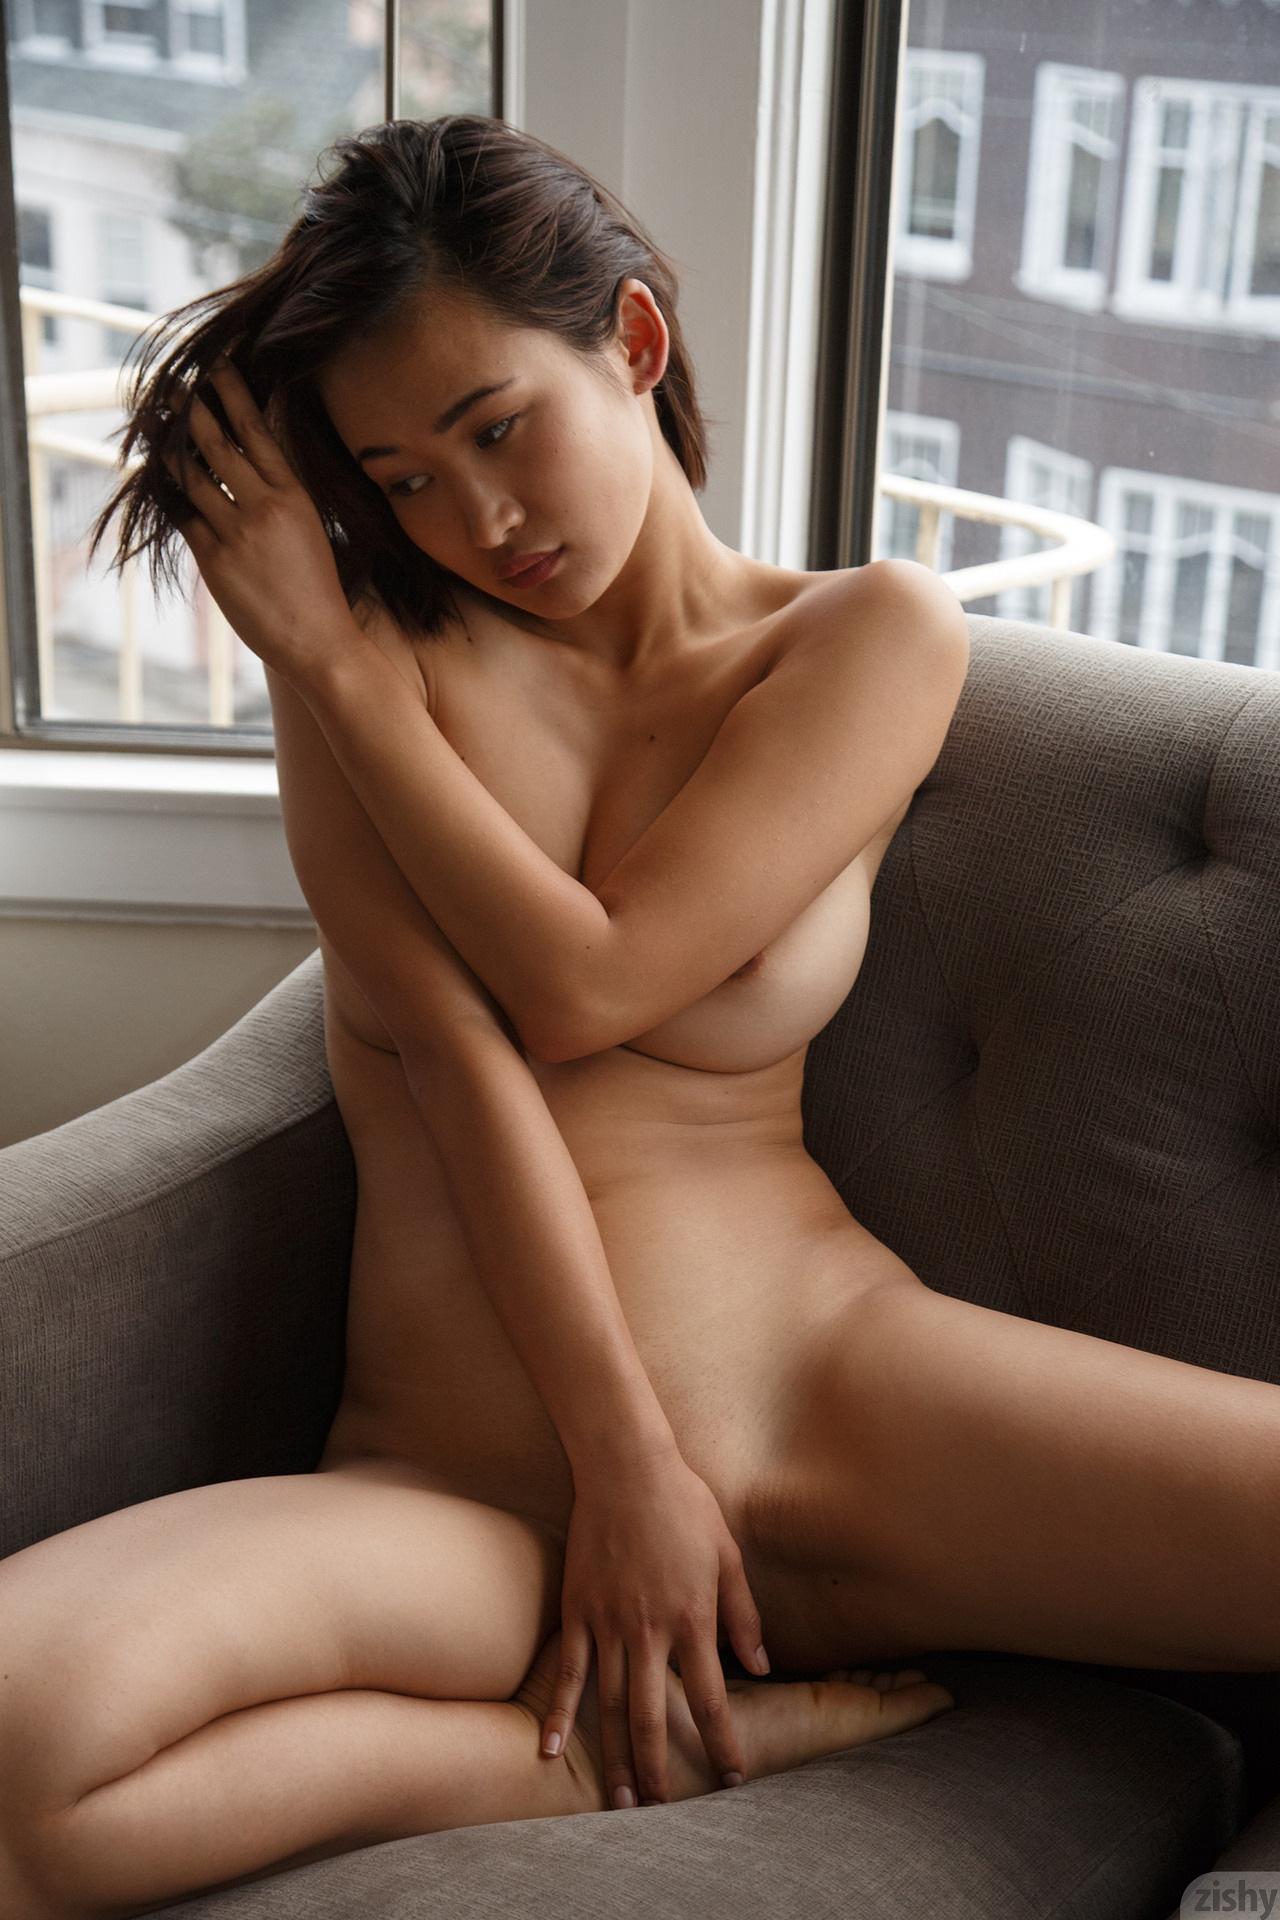 naked photos tumblr